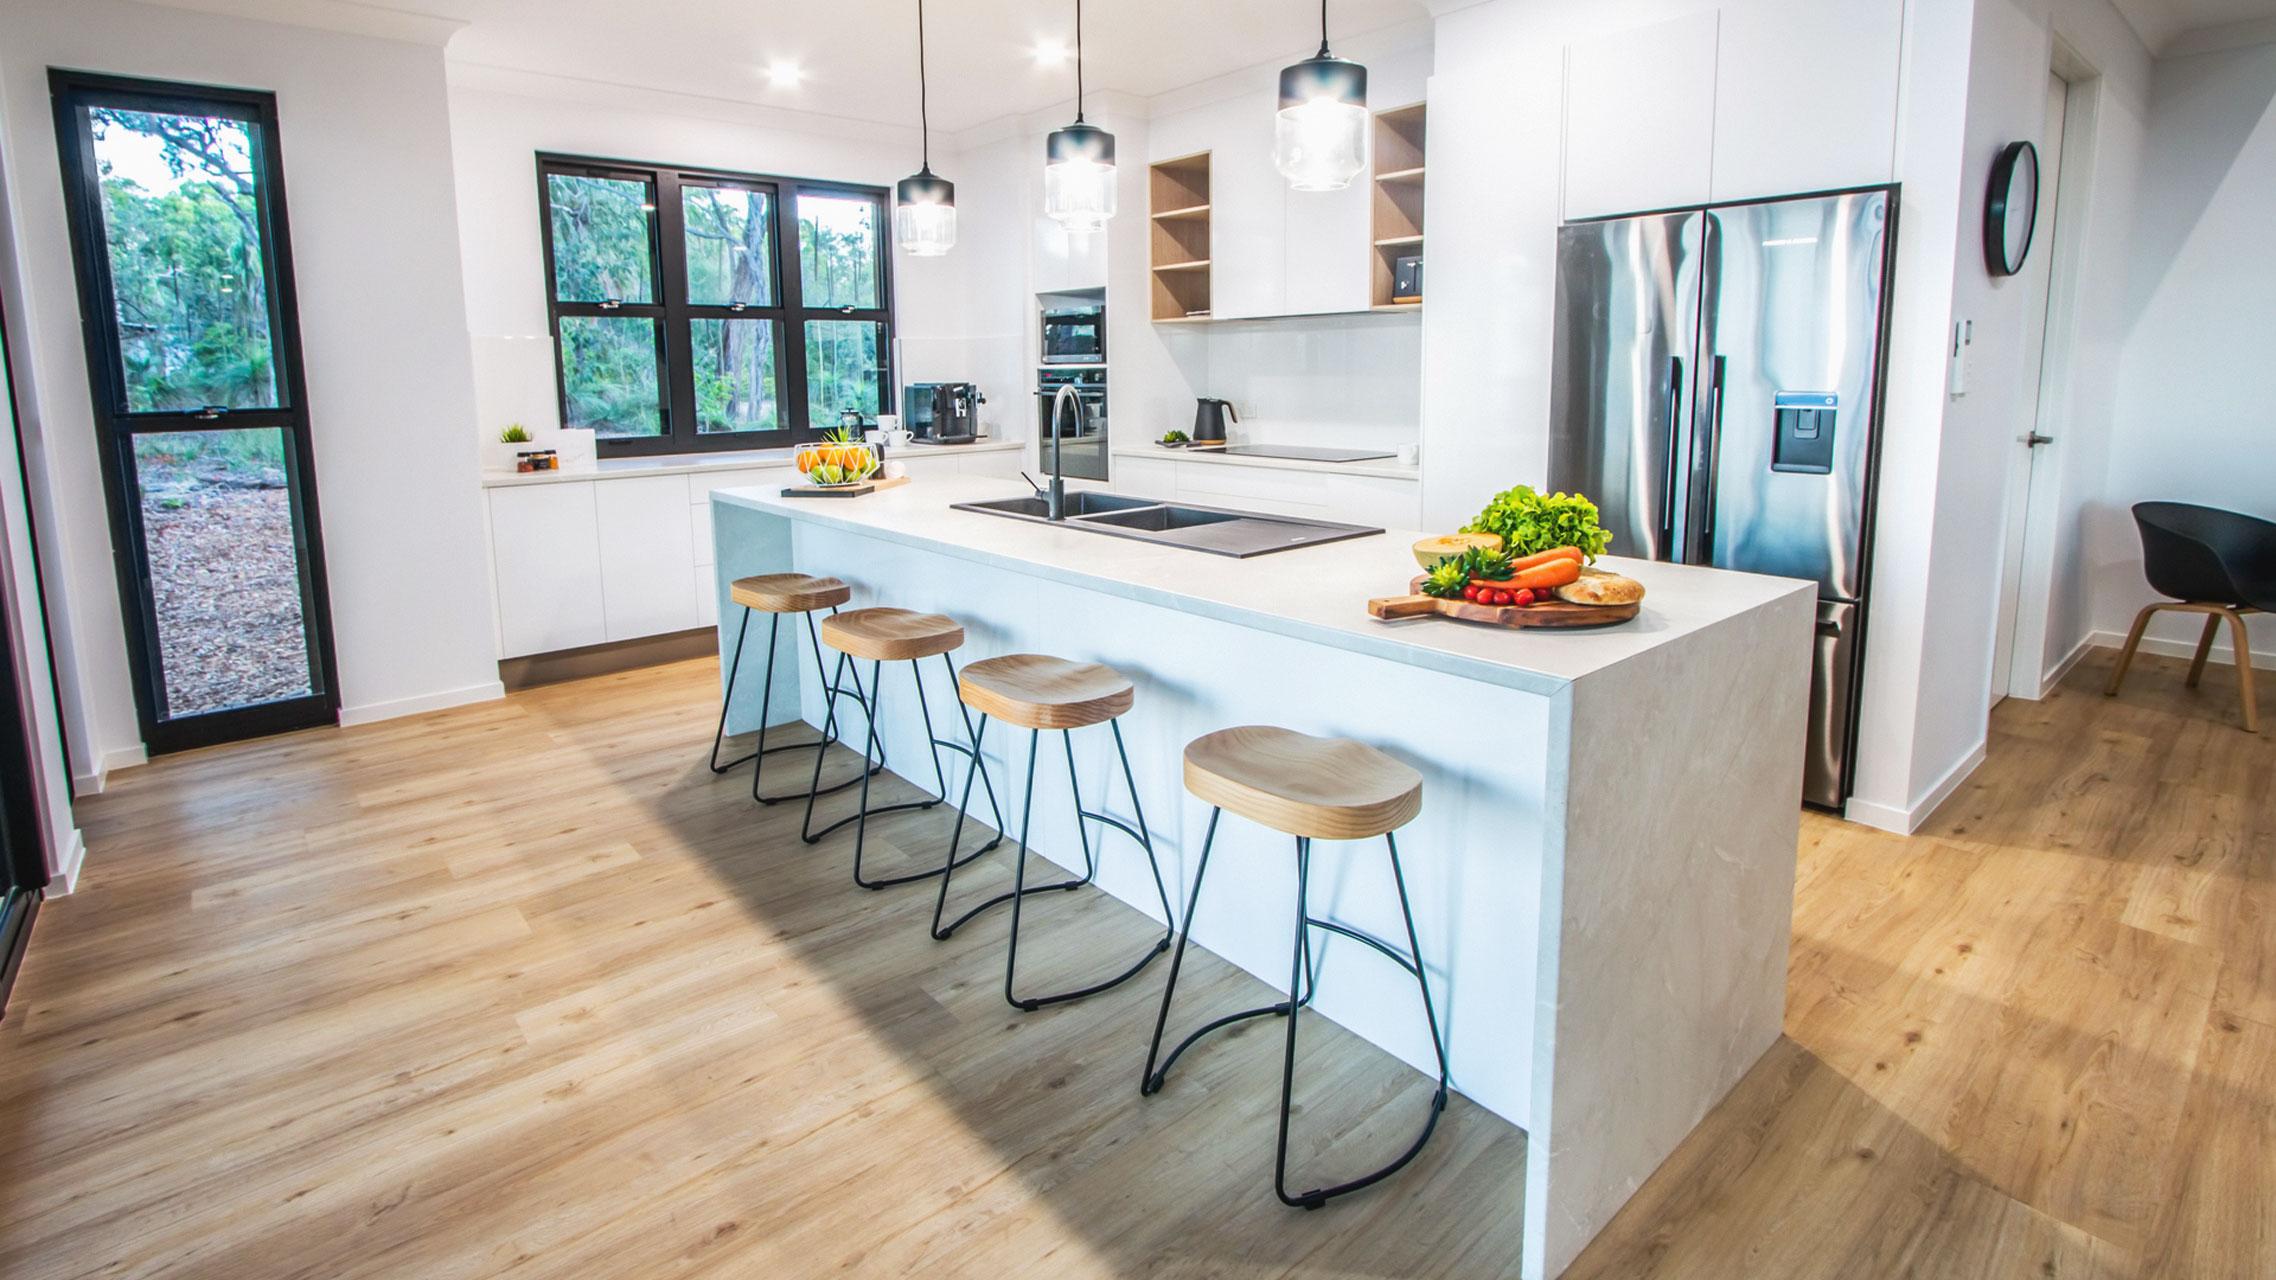 Sash Windows in a kitchen